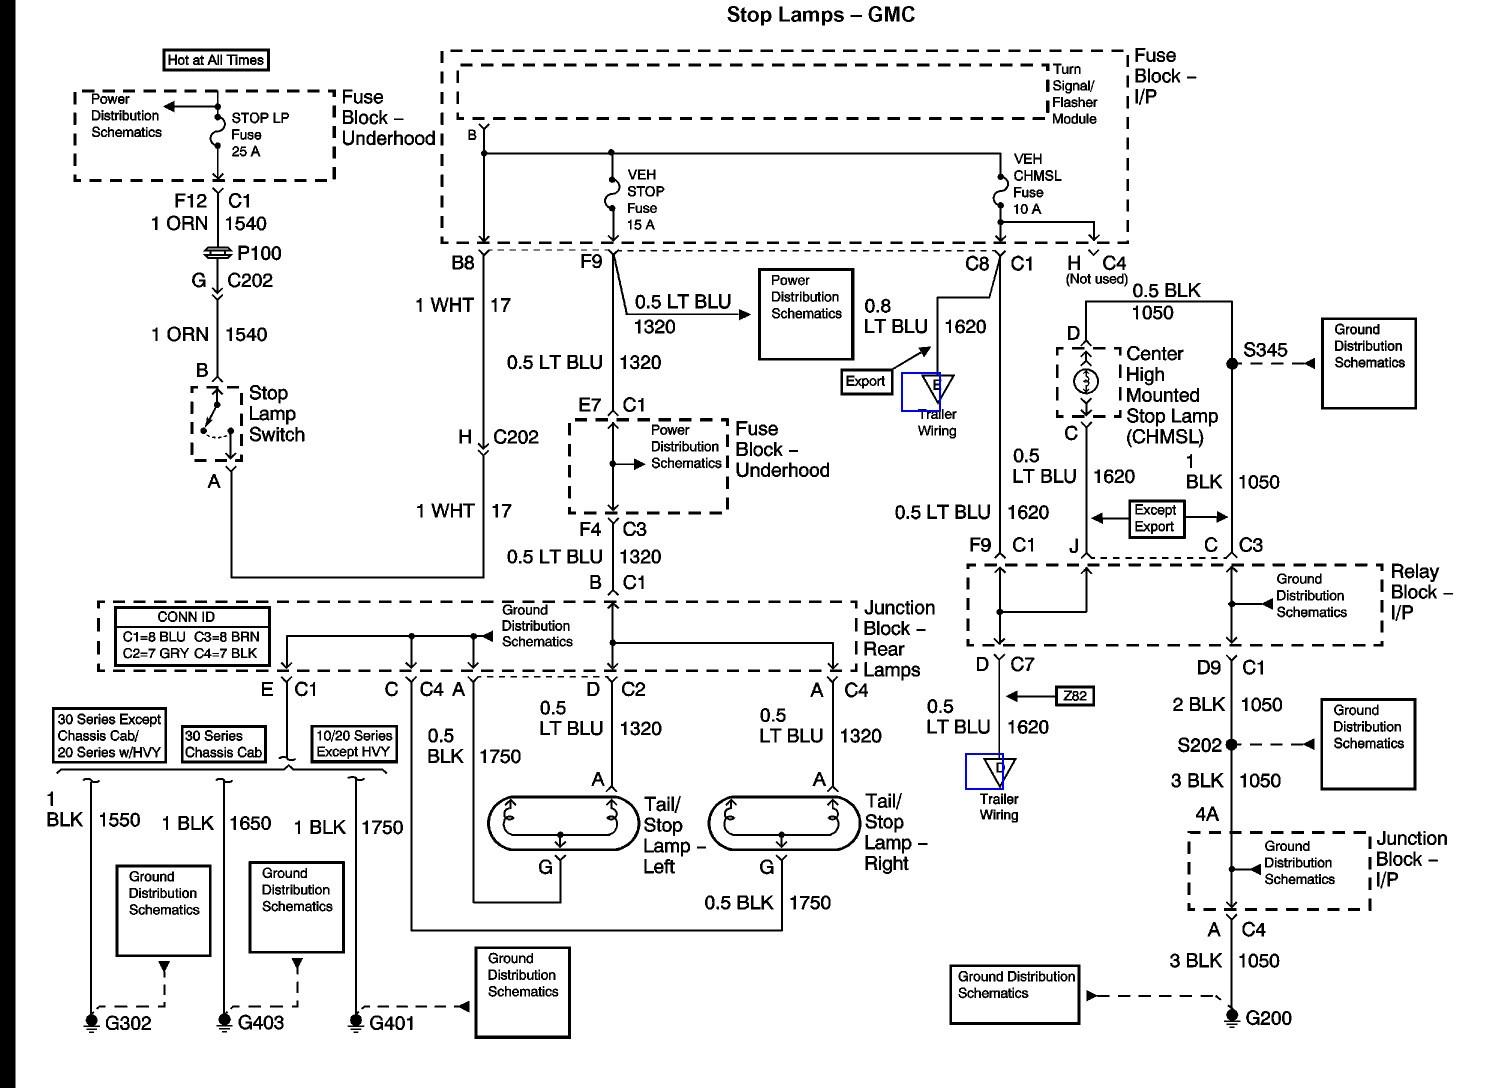 2000 Gmc Tail Light Wiring - Wiring Diagram Data - Tail Light Wiring Diagram Chevy